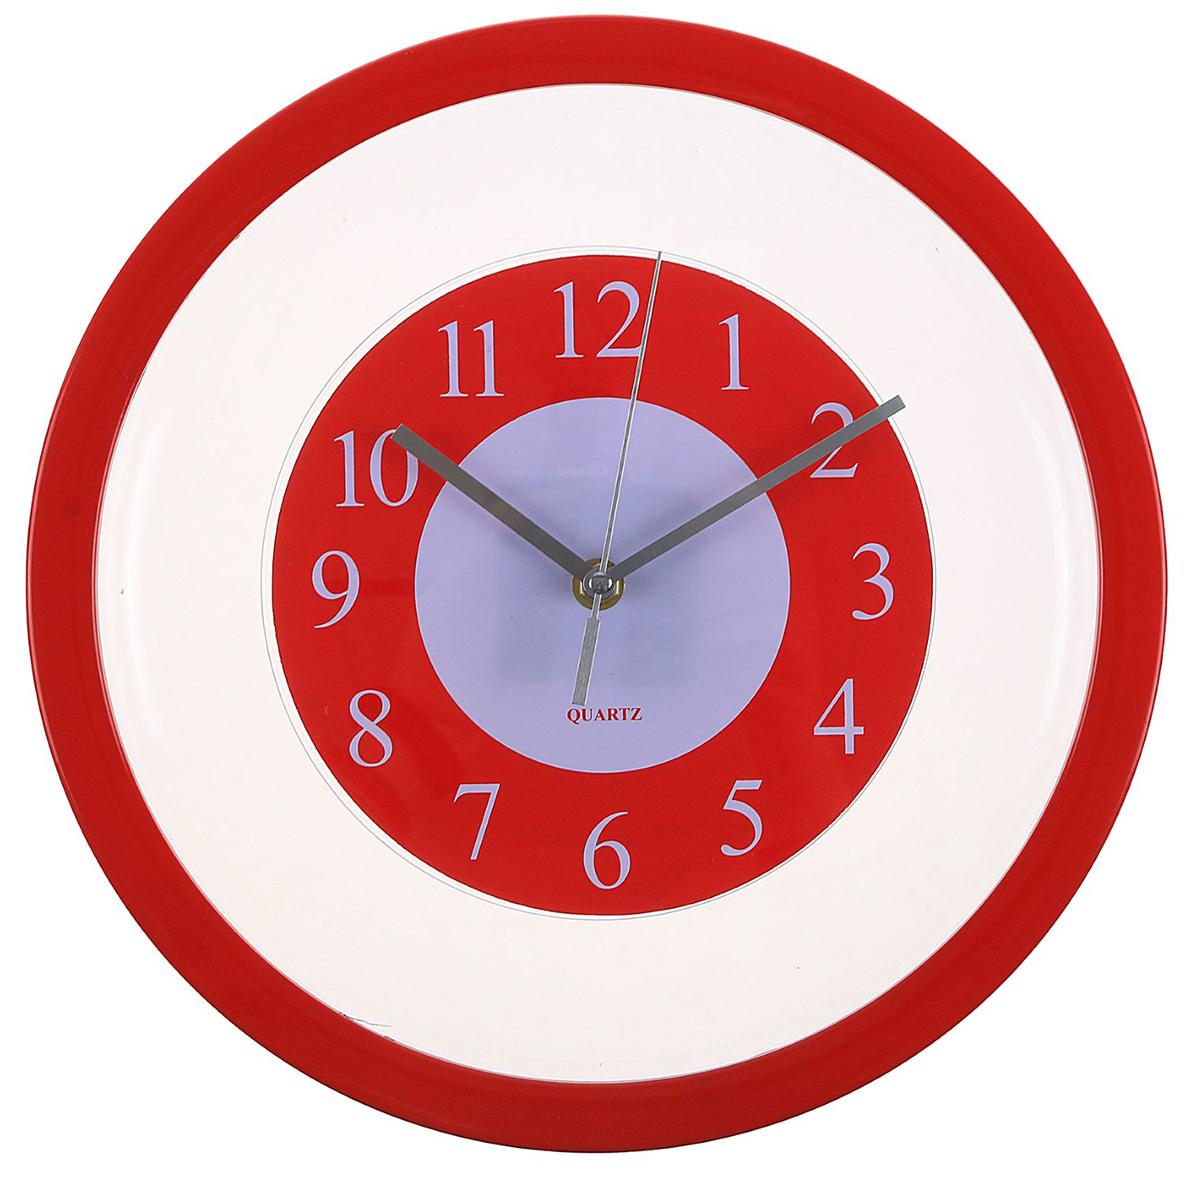 Часы настенные Red Plate, диаметр 30 см2306957Каждому хозяину периодически приходит мысль обновить свою квартиру, сделать ремонт, перестановку или кардинально поменять внешний вид каждой комнаты. — привлекательная деталь, которая поможет воплотить вашу интерьерную идею, создать неповторимую атмосферу в вашем доме. Окружите себя приятными мелочами, пусть они радуют глаз и дарят гармонию.Часы настенные Red Plate, красные, прозрачные, d=30см 2306957